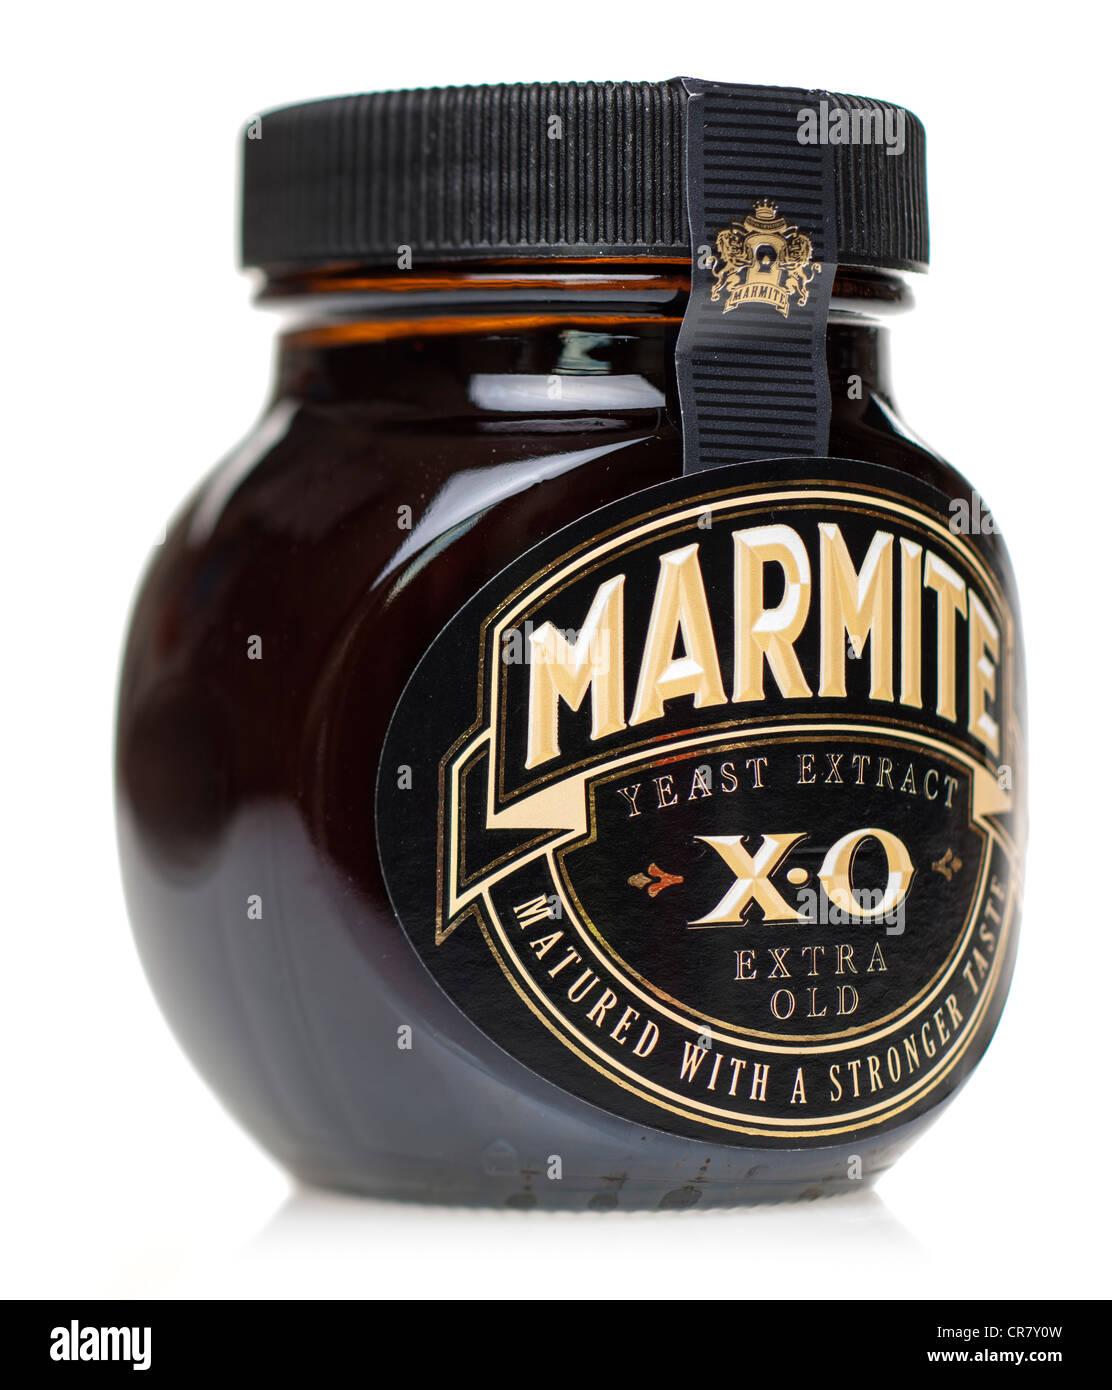 Tarro de Marmite X.O extra viejo madurado extracto de levadura Imagen De Stock